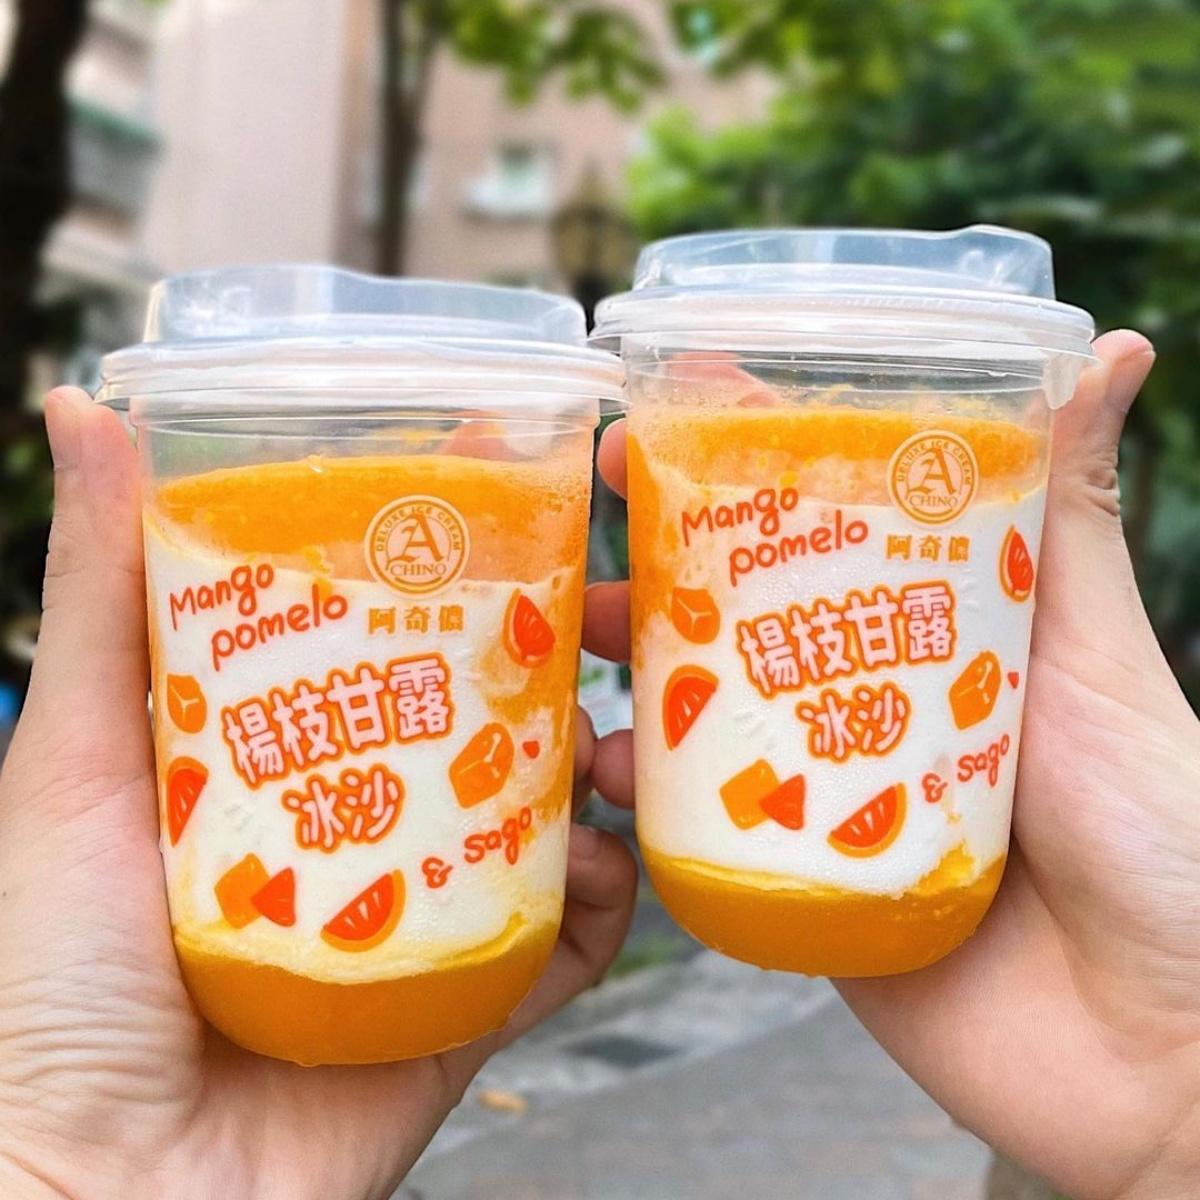 芒果控暴動!全聯漸層系「楊枝甘露冰沙」,一口咬下「香濃芒果+酸甜紅西柚」